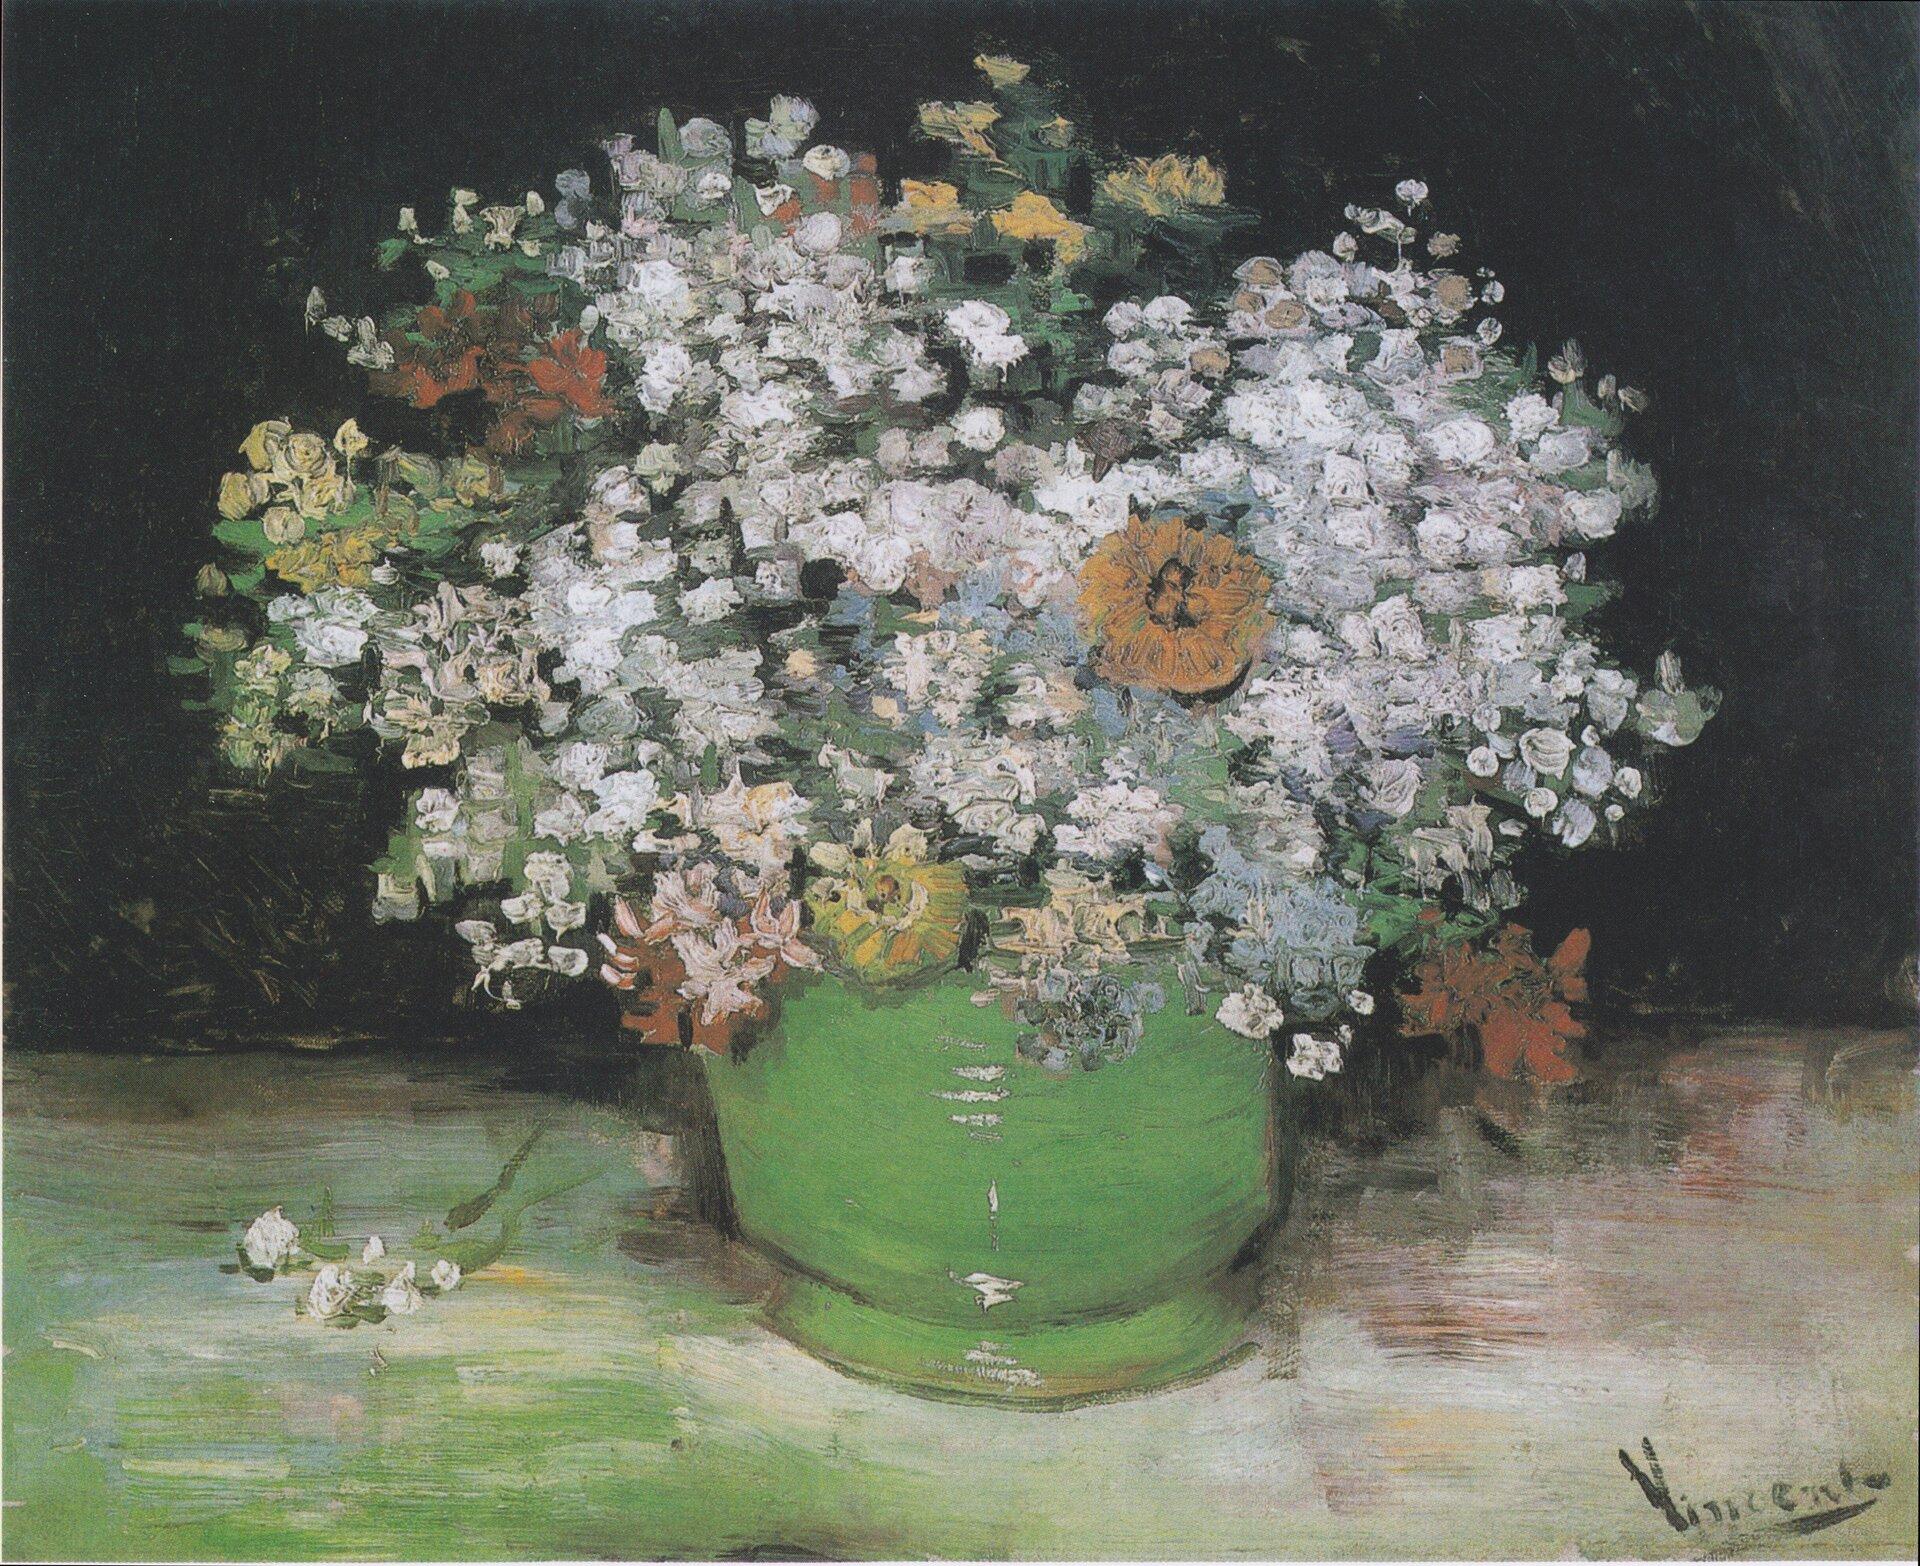 Wazon zcyniami iinnymi kwiatami Źródło: Vincent van Gogh, Wazon zcyniami iinnymi kwiatami, 1886, olej na płótnie, domena publiczna.